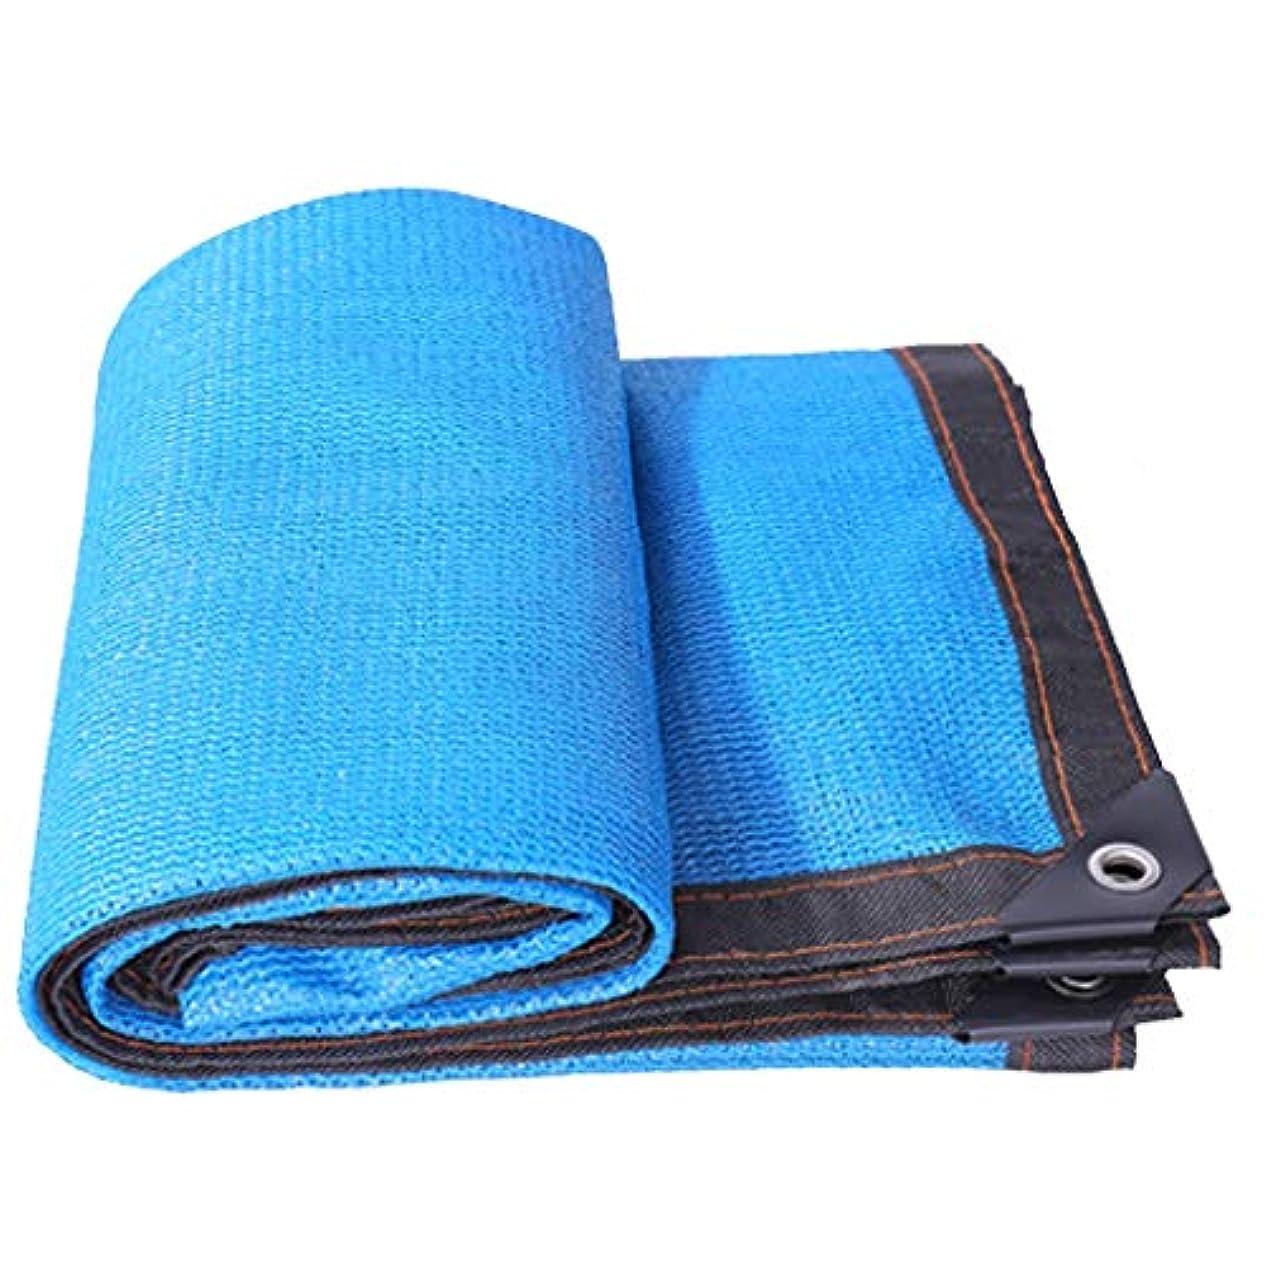 解読する洗練された幻想的パーゴラカバーのためのグロメットが付いている85%の陰の布の青い優れた網の陰のパネル屋外、裏庭、庭の花植物のためのおおいの日焼け止めの陰の布の網の網カバー (Size : 13.1×49.4ft)